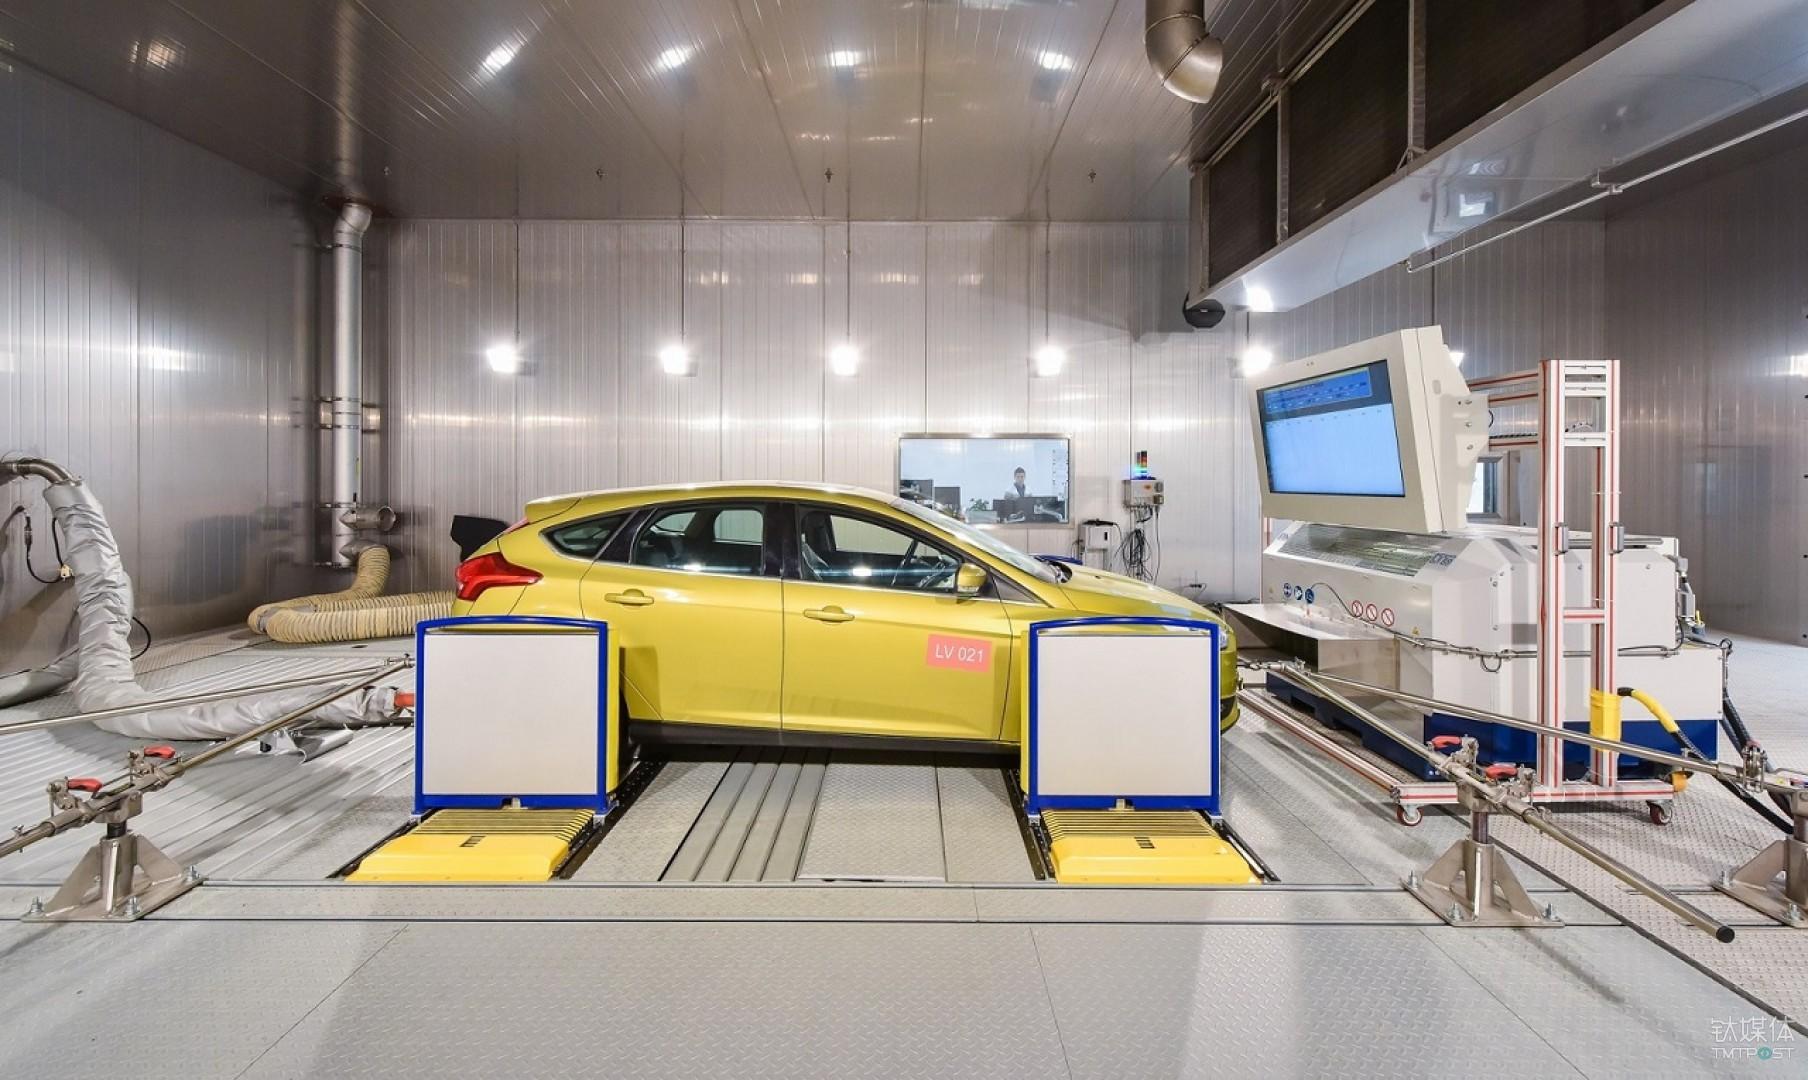 整车排放实验室测试车辆污染物排放和燃油消耗量,确保车辆尾气排放符合中国法规并具有良好的燃油经济性